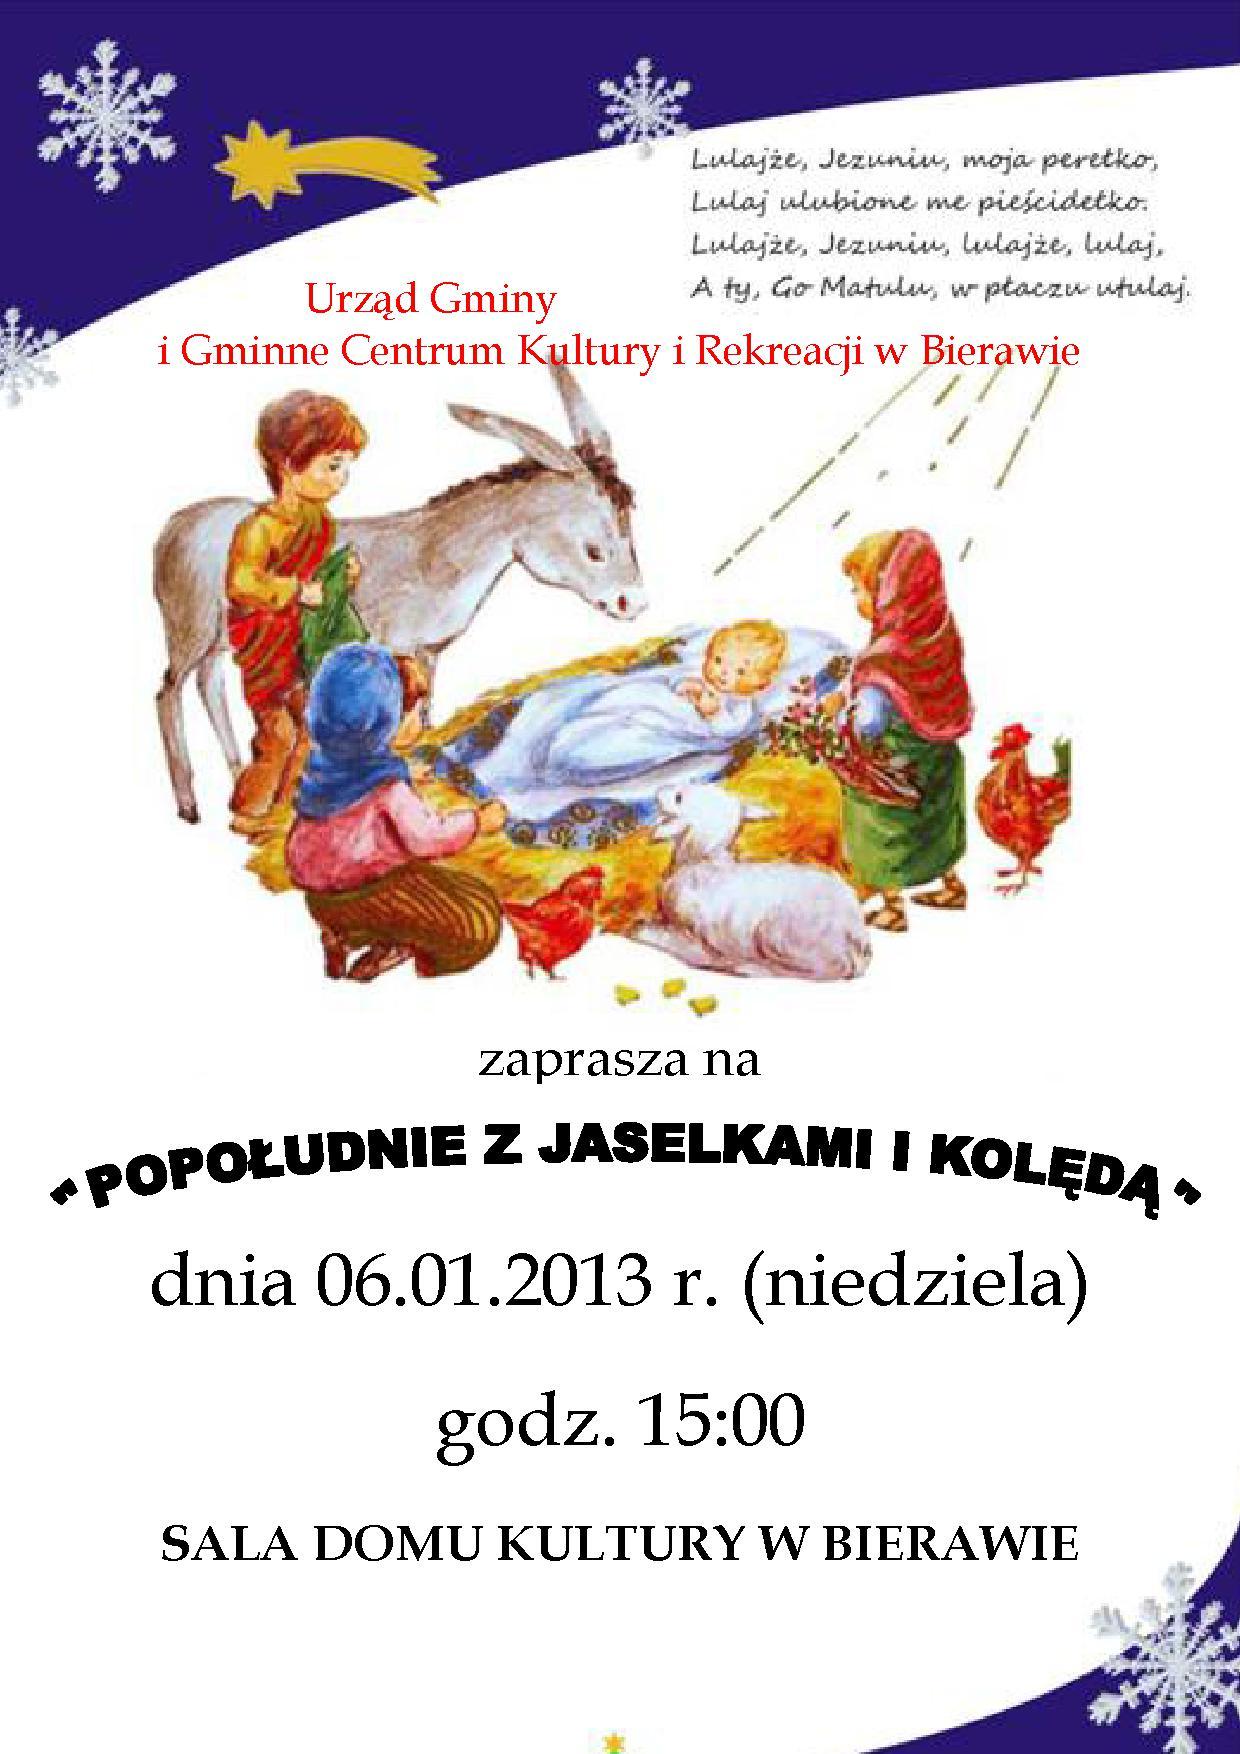 plakat jasełka 2013-1.jpeg